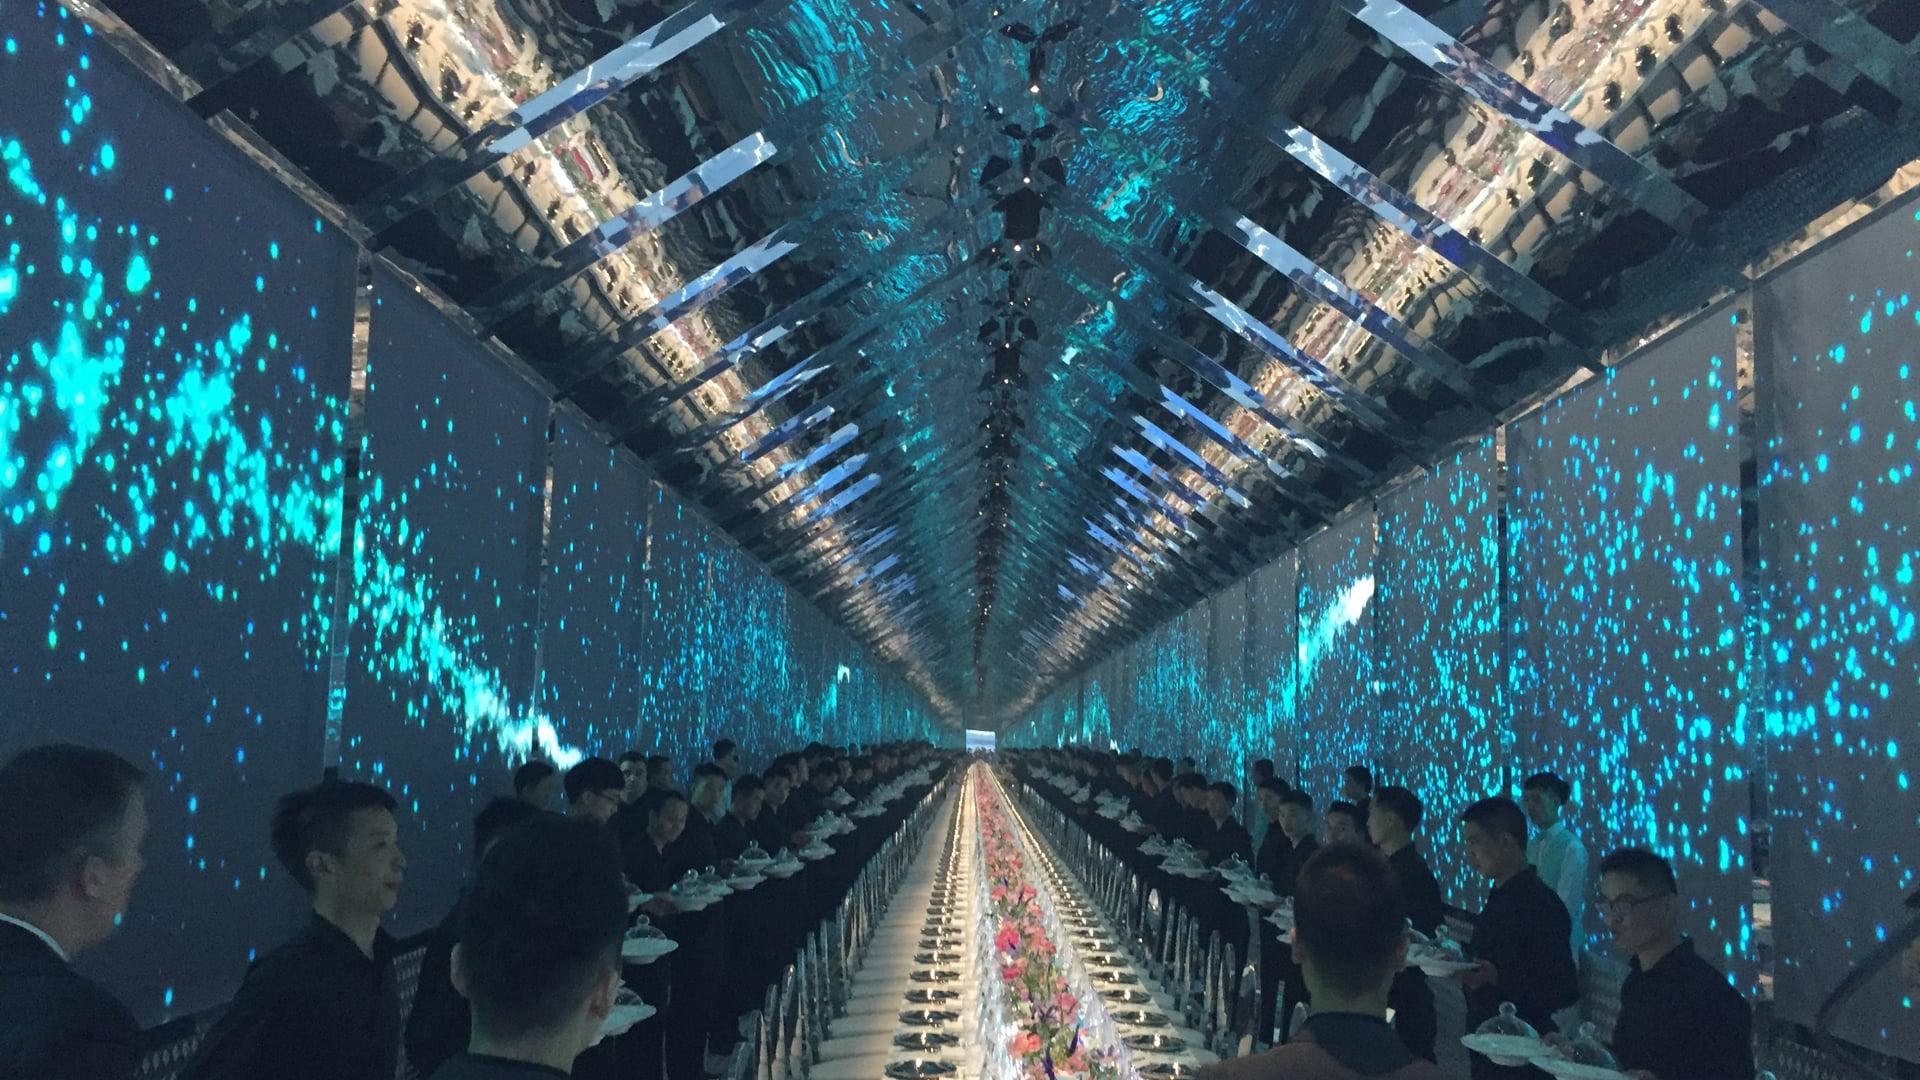 Cena Tiffany & Co Shanghai | WB Show | China